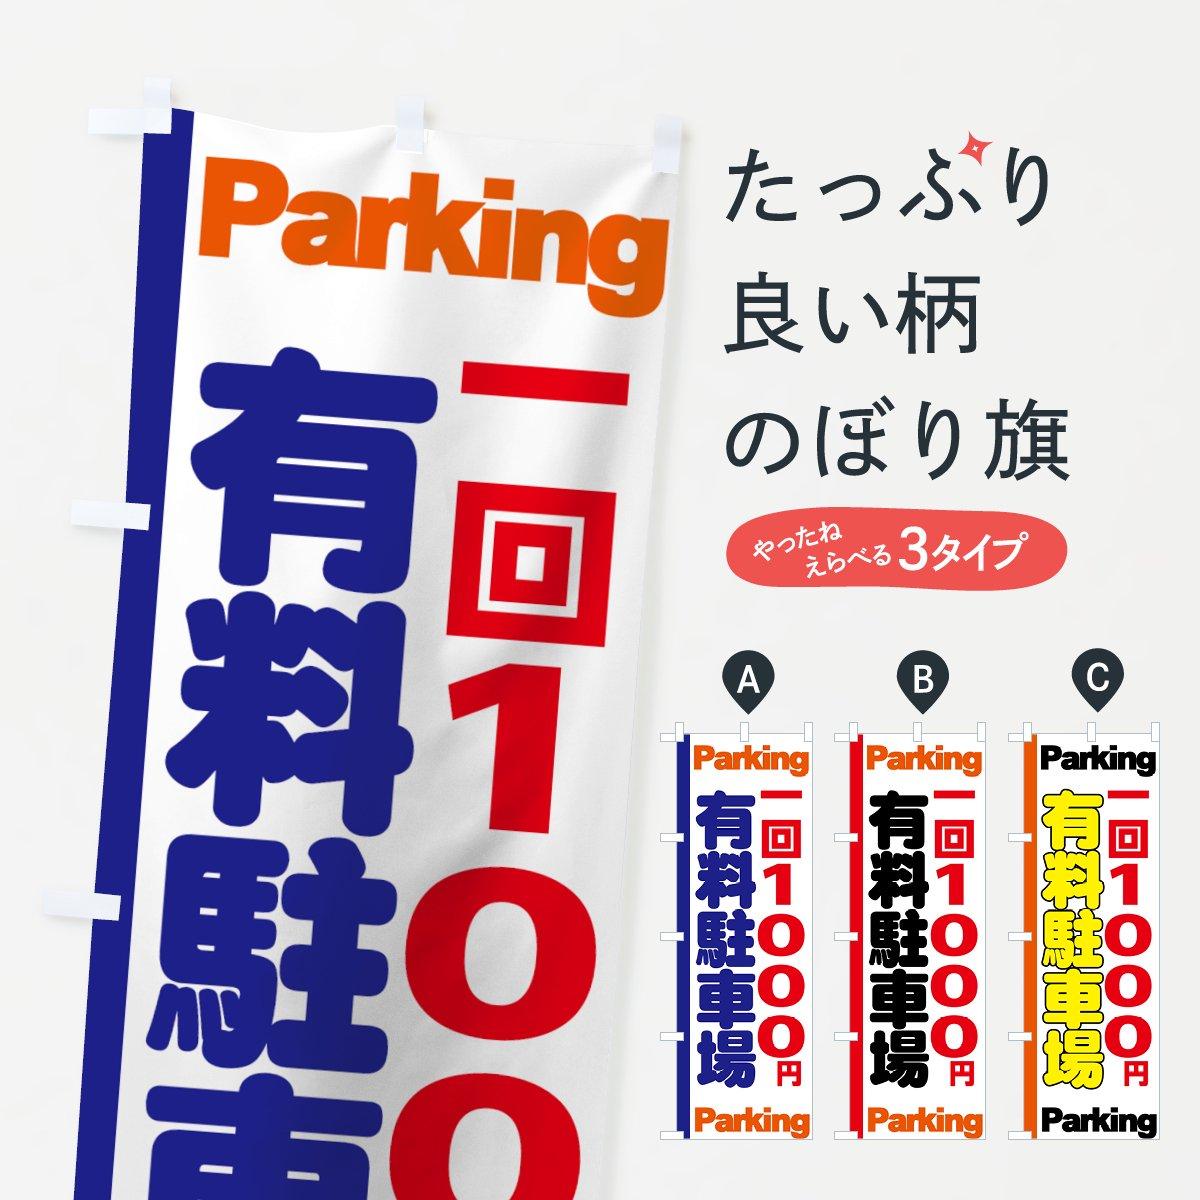 のぼり旗 有料駐車場 【値替無料】